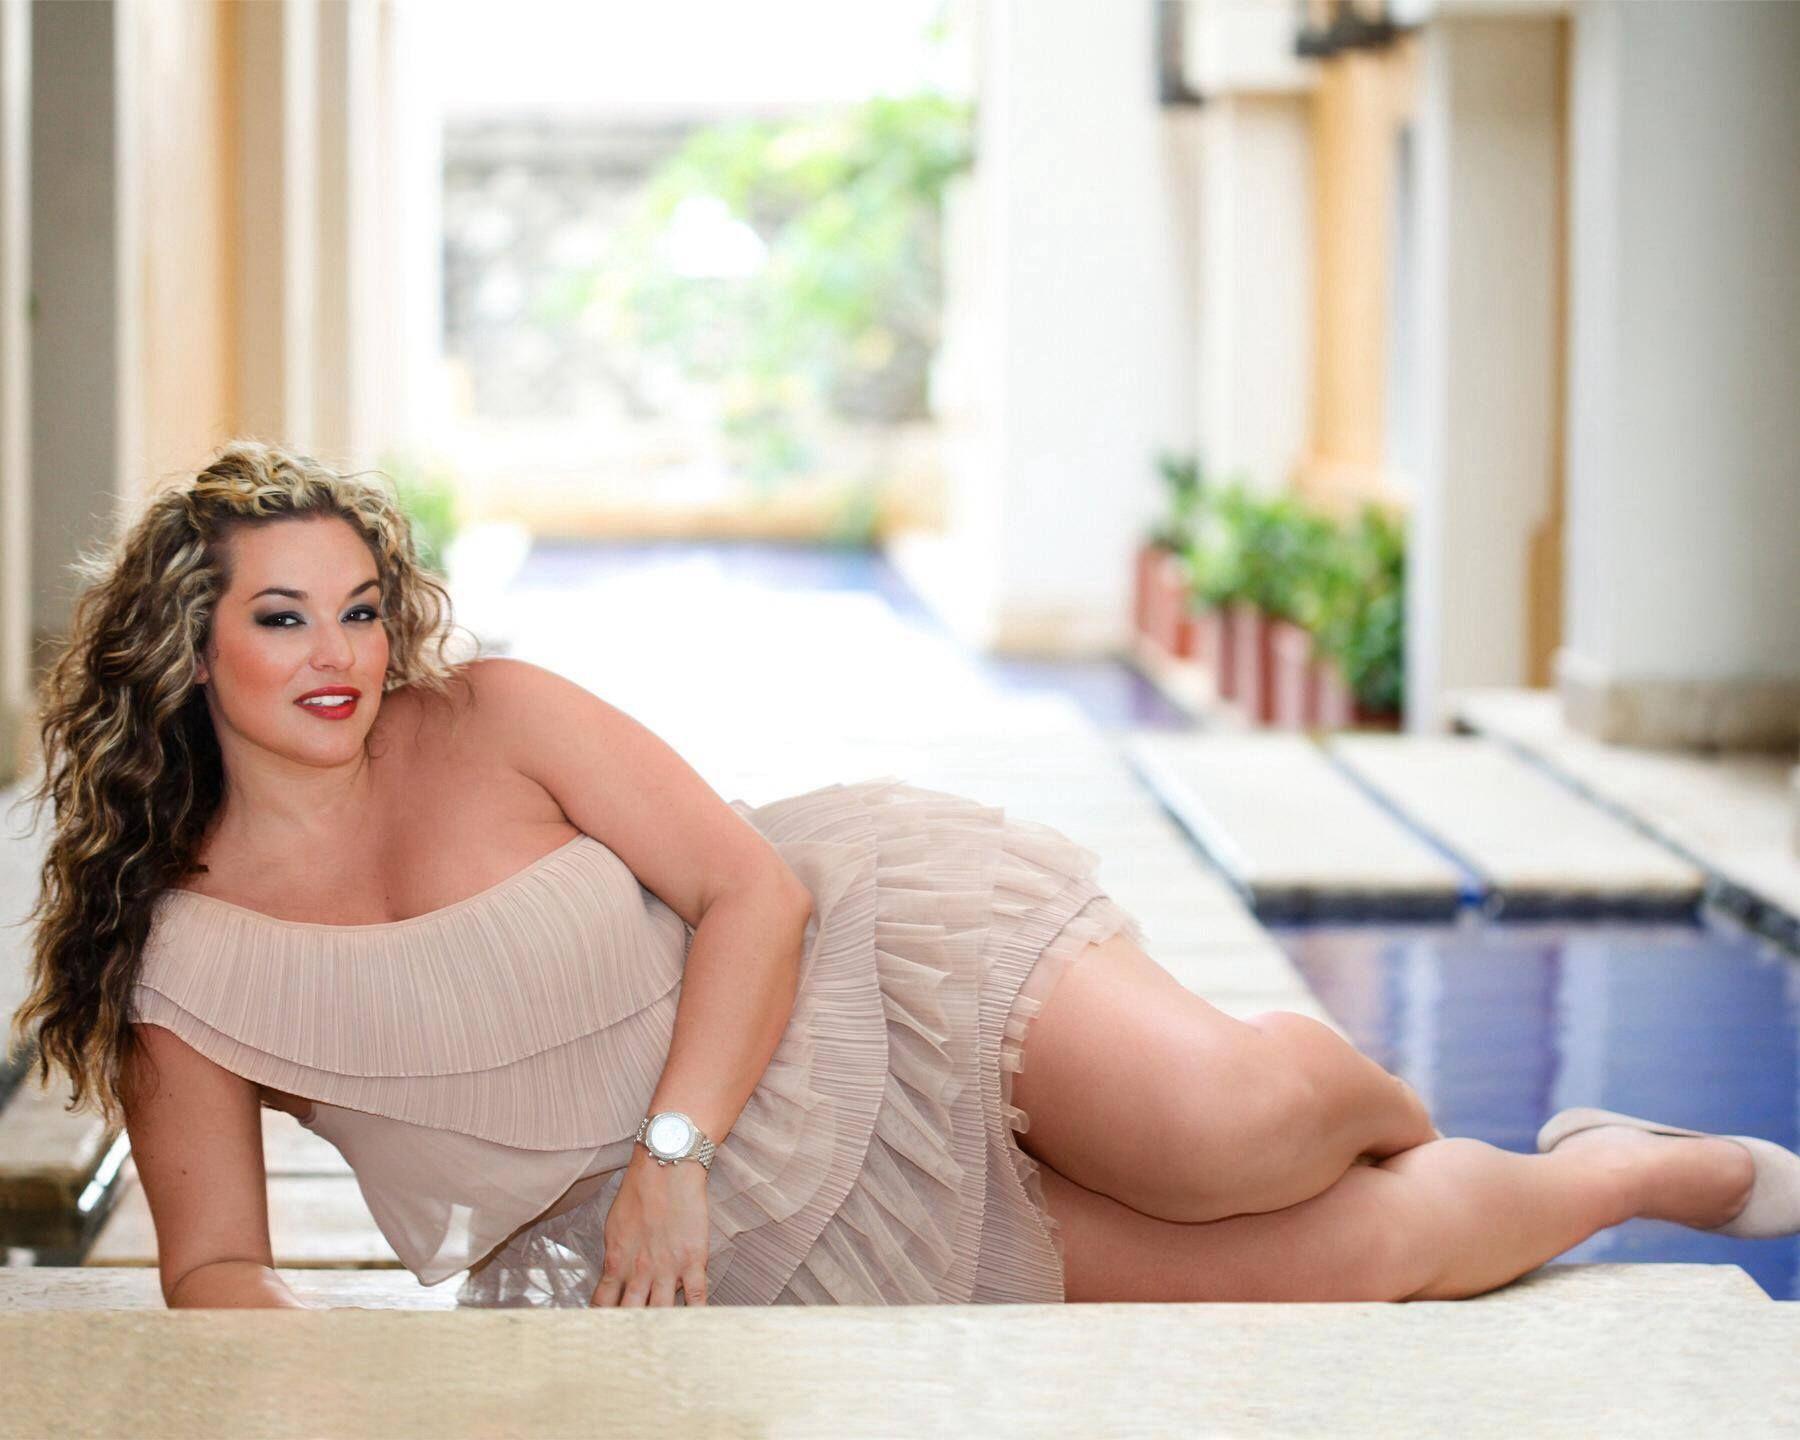 удивился, фото соблазнительных толстушек набрала два больших